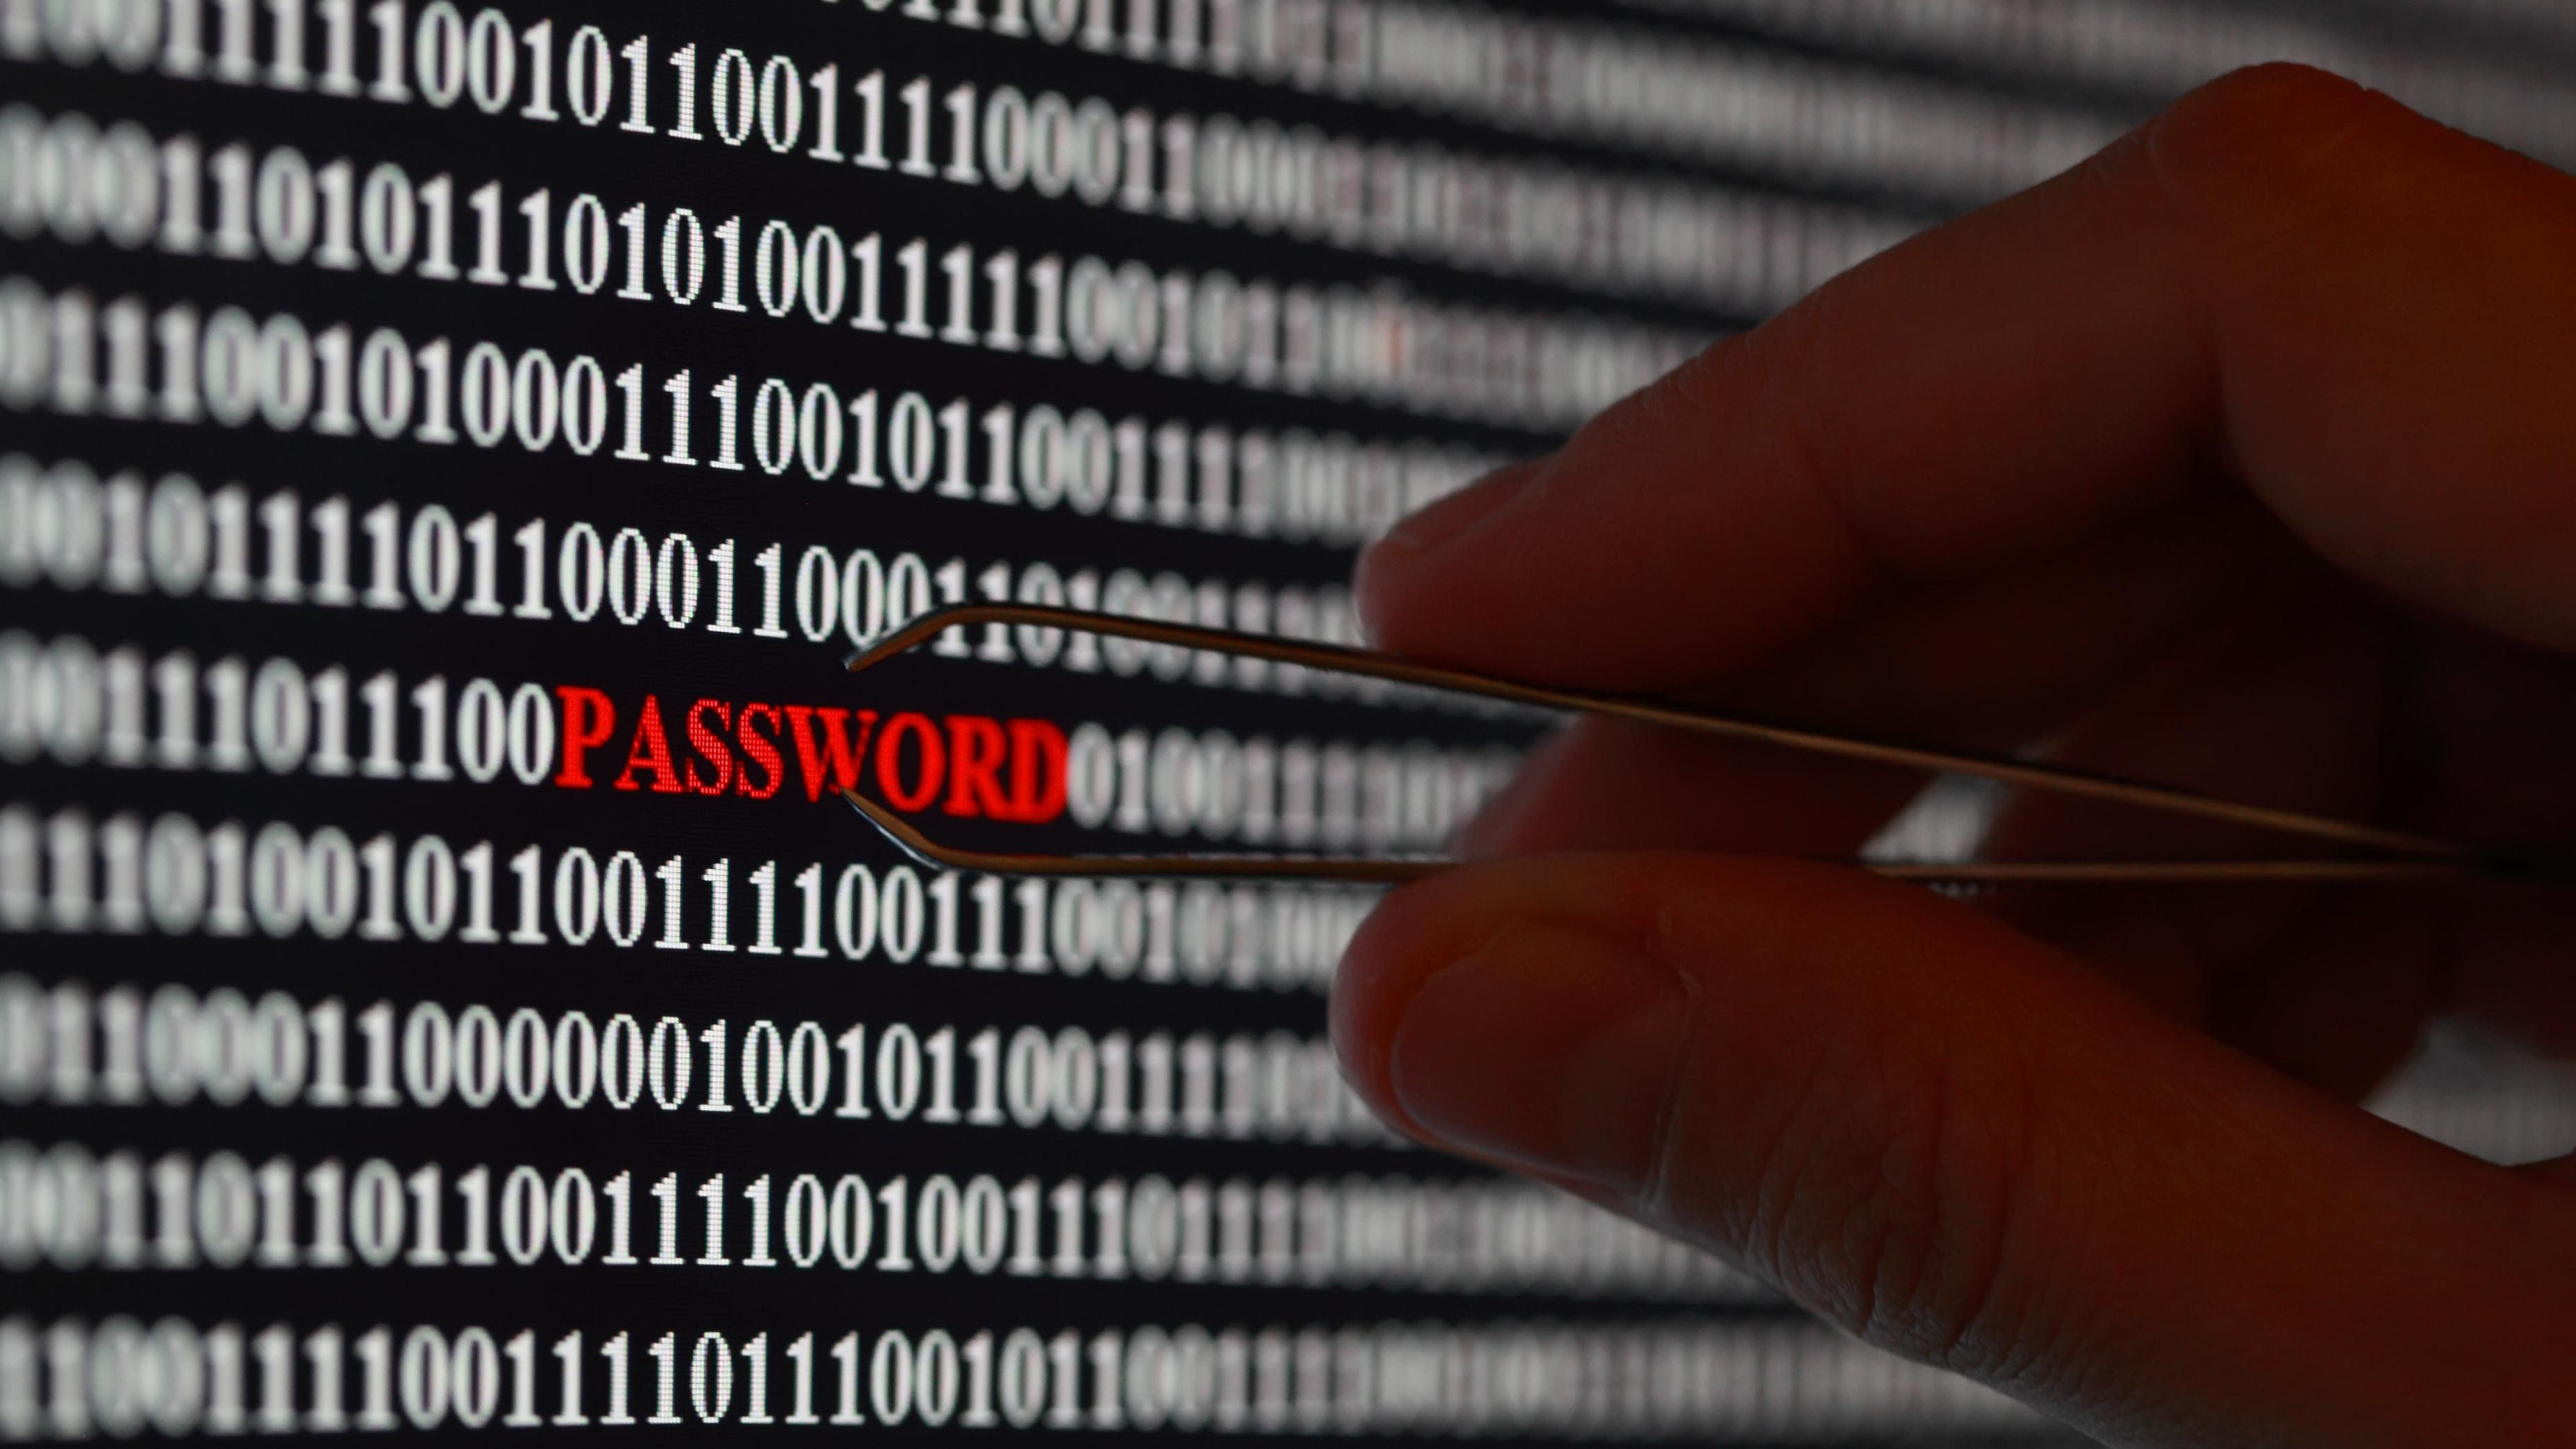 Hackere har lekket tusenvis av passord og kredittkortnumre fra en rekke Internett-tjenester